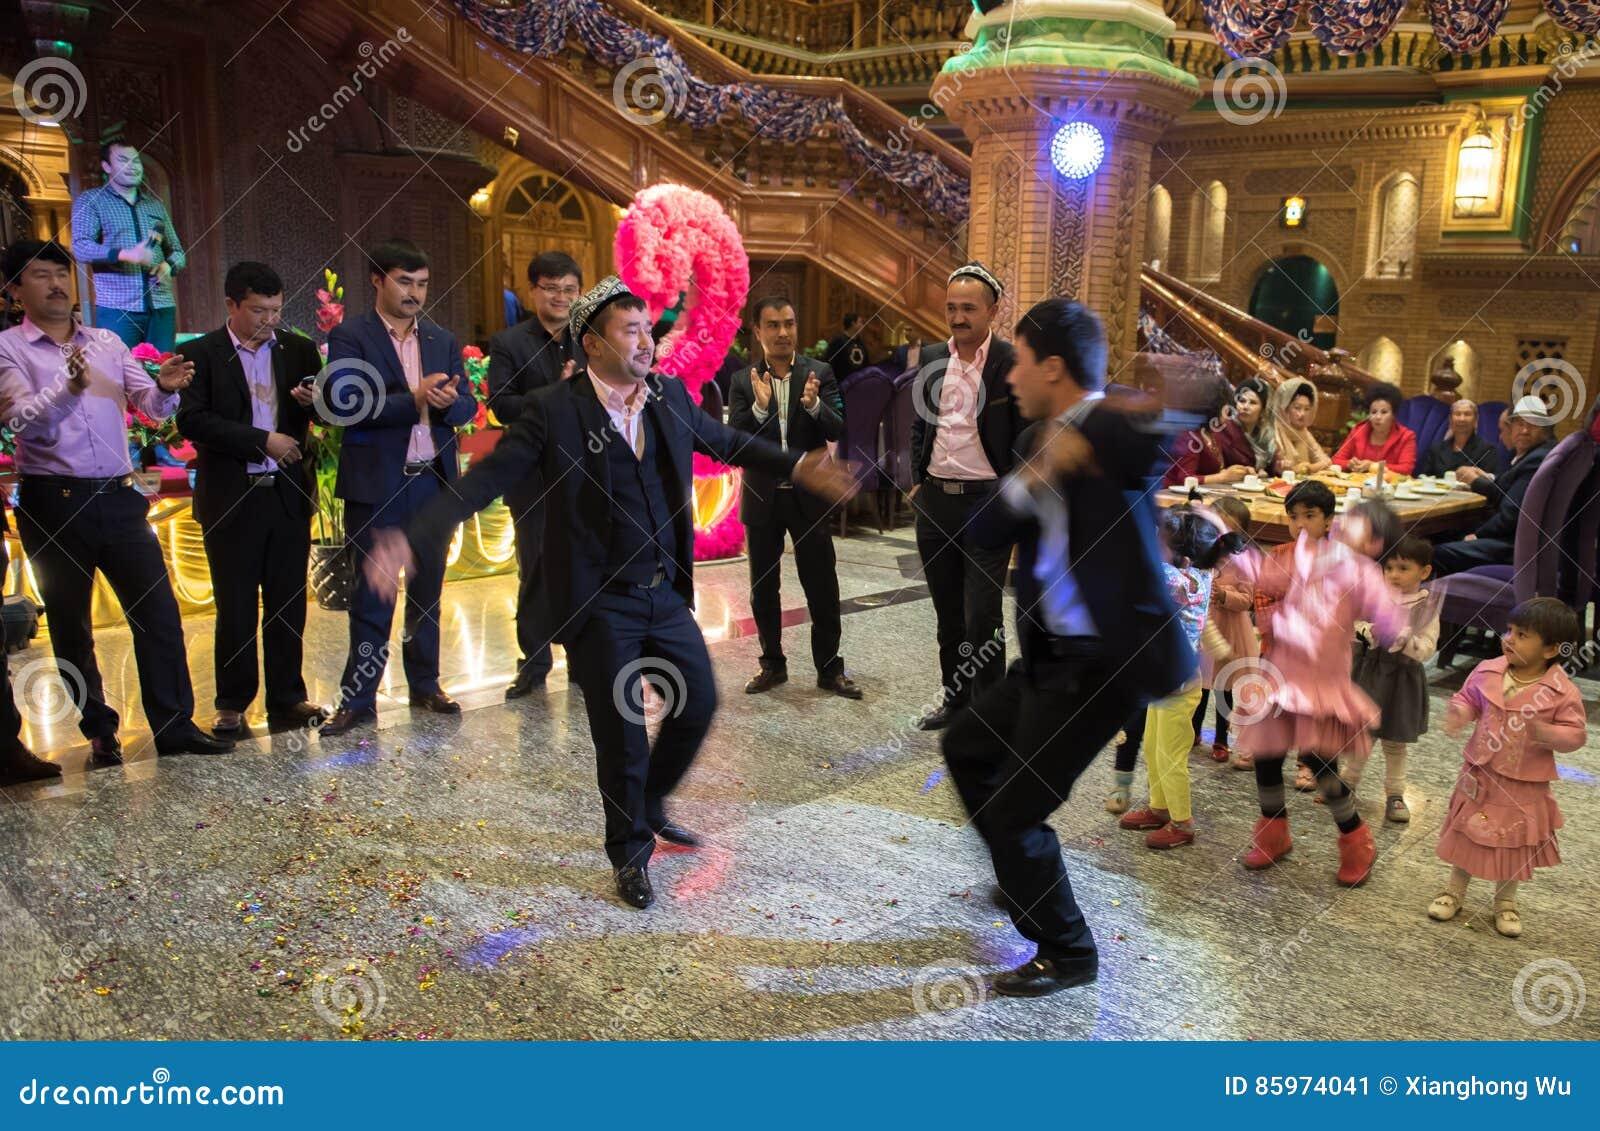 Dancing in Wedding Ceremony